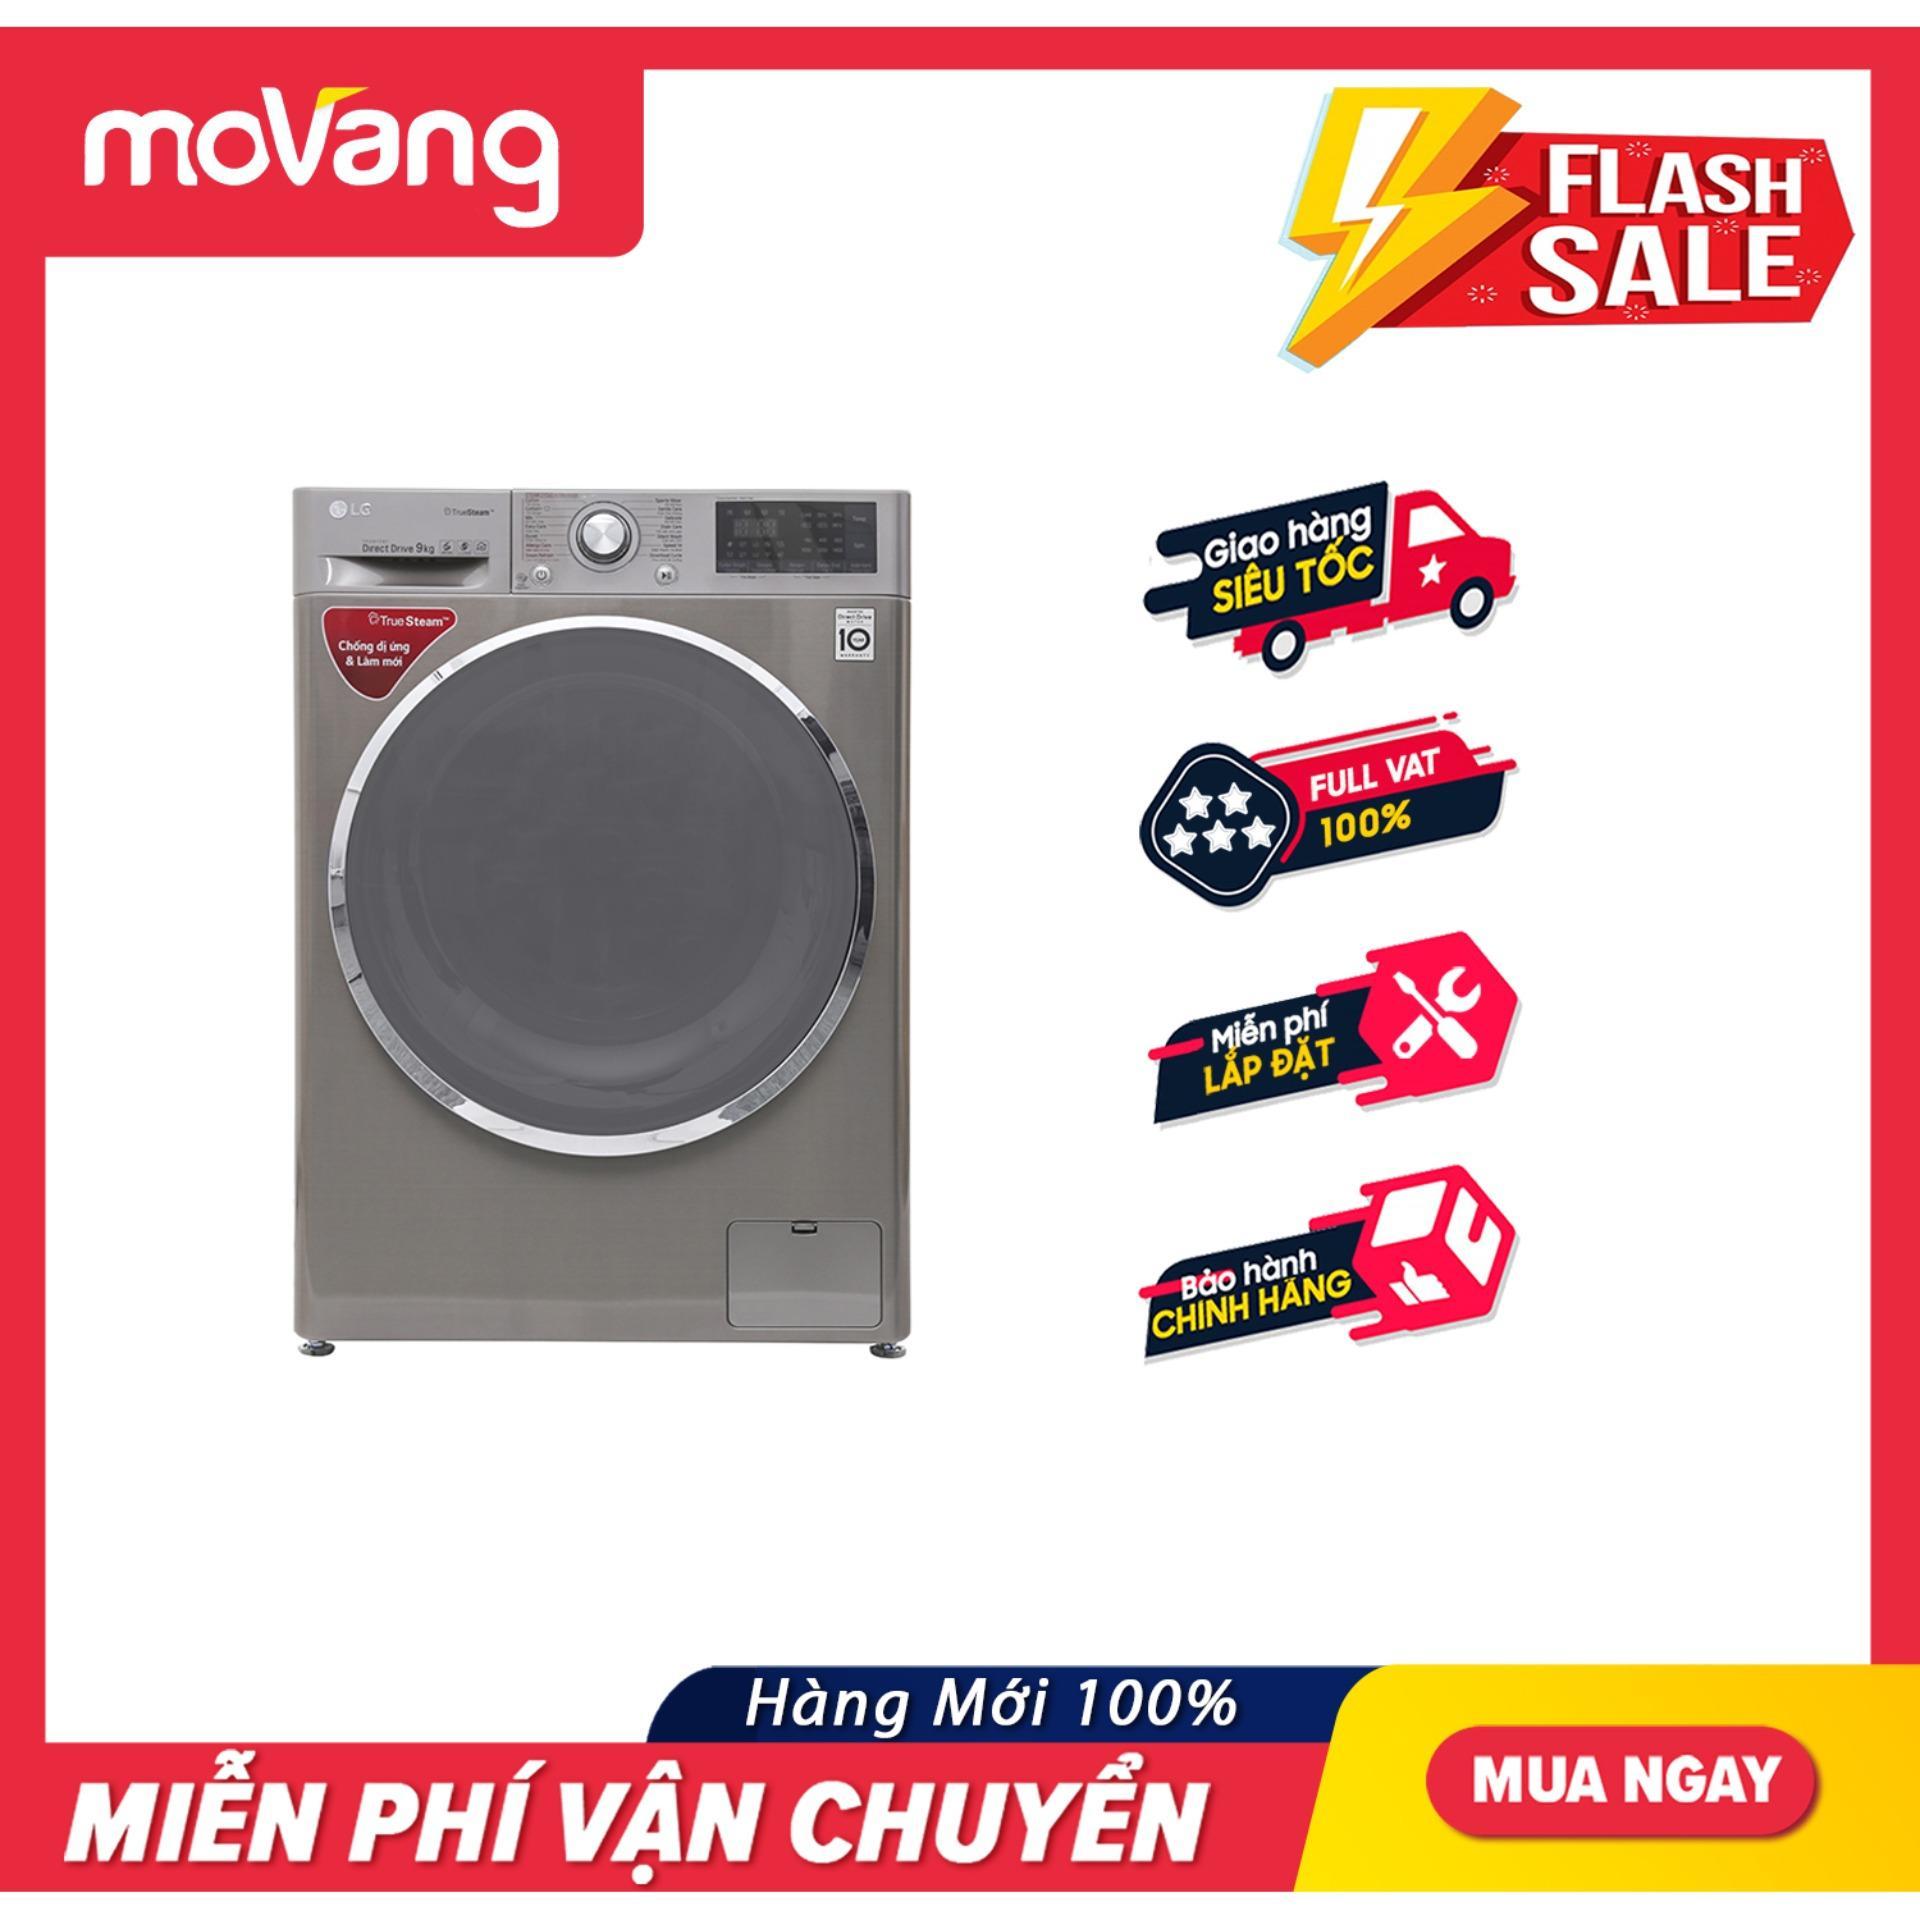 Máy giặt LG FC1409S2E - Công nghệ Inverter, khối lượng giặt 9 kg, máy giặt cửa trước, công nghệ tiết kiệm điện - Bảo hành 2 năm